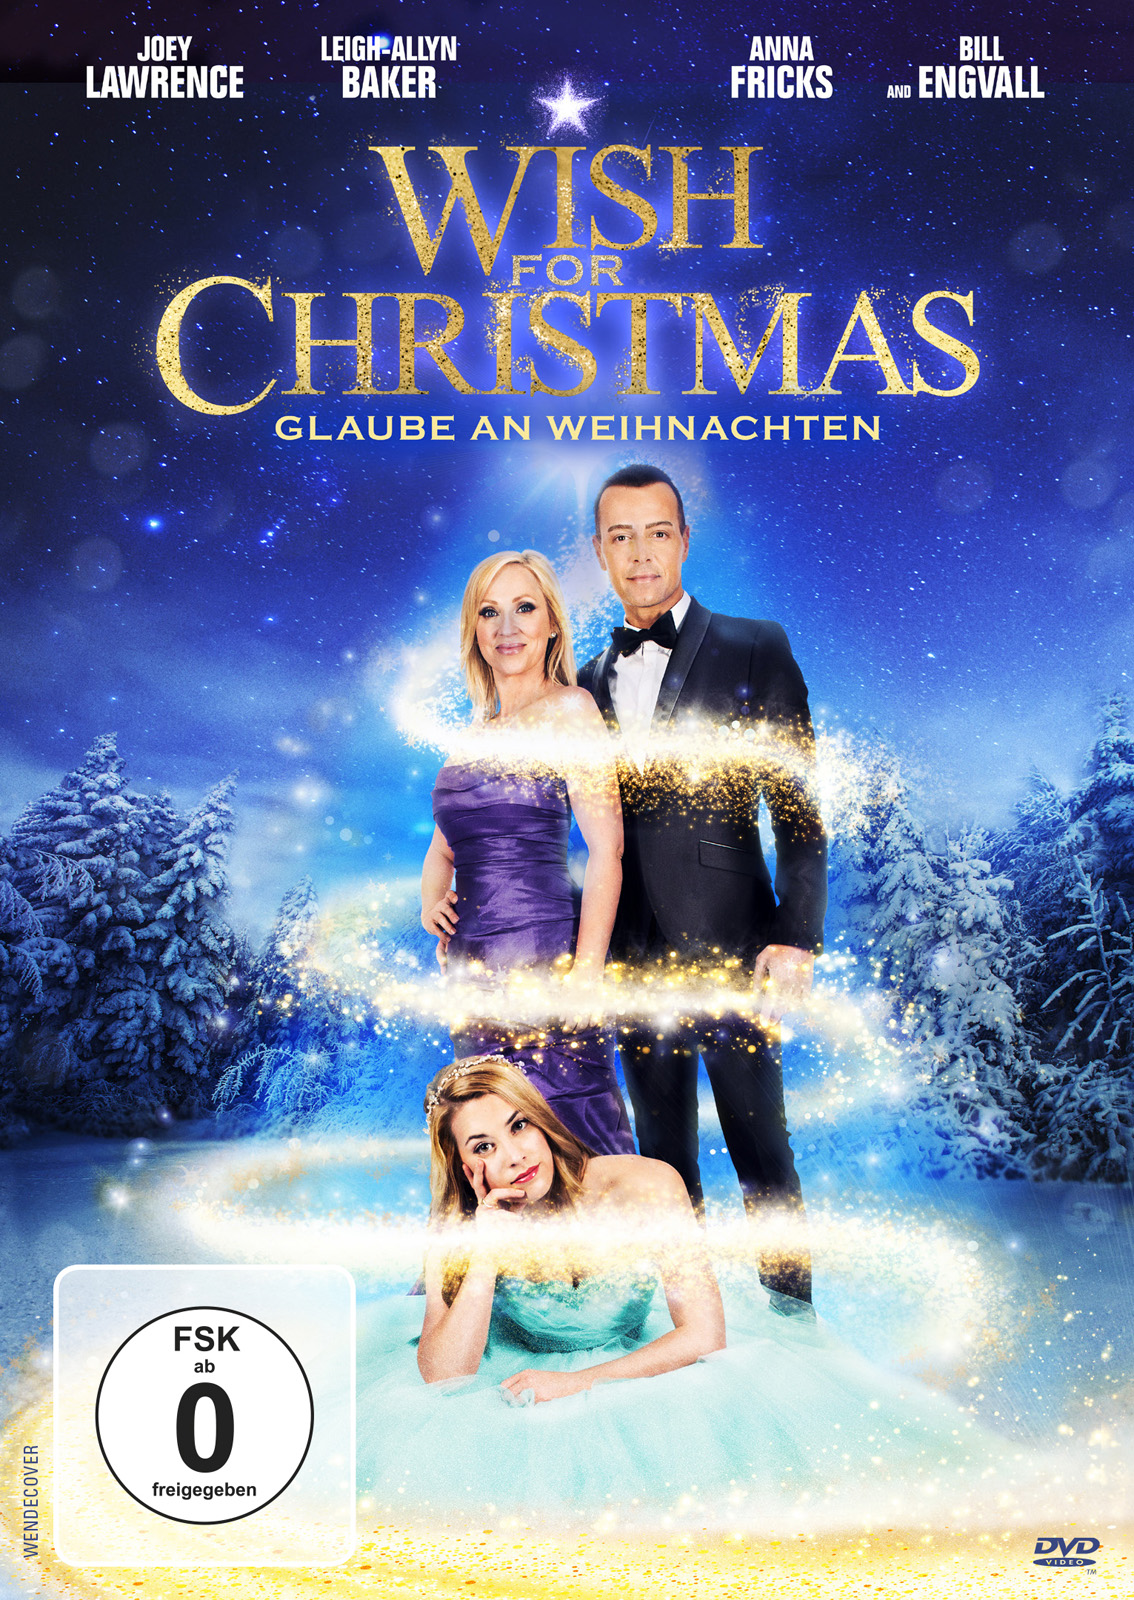 Wish For Christmas - Glaube an Weihnachten - Film 2016 - FILMSTARTS.de